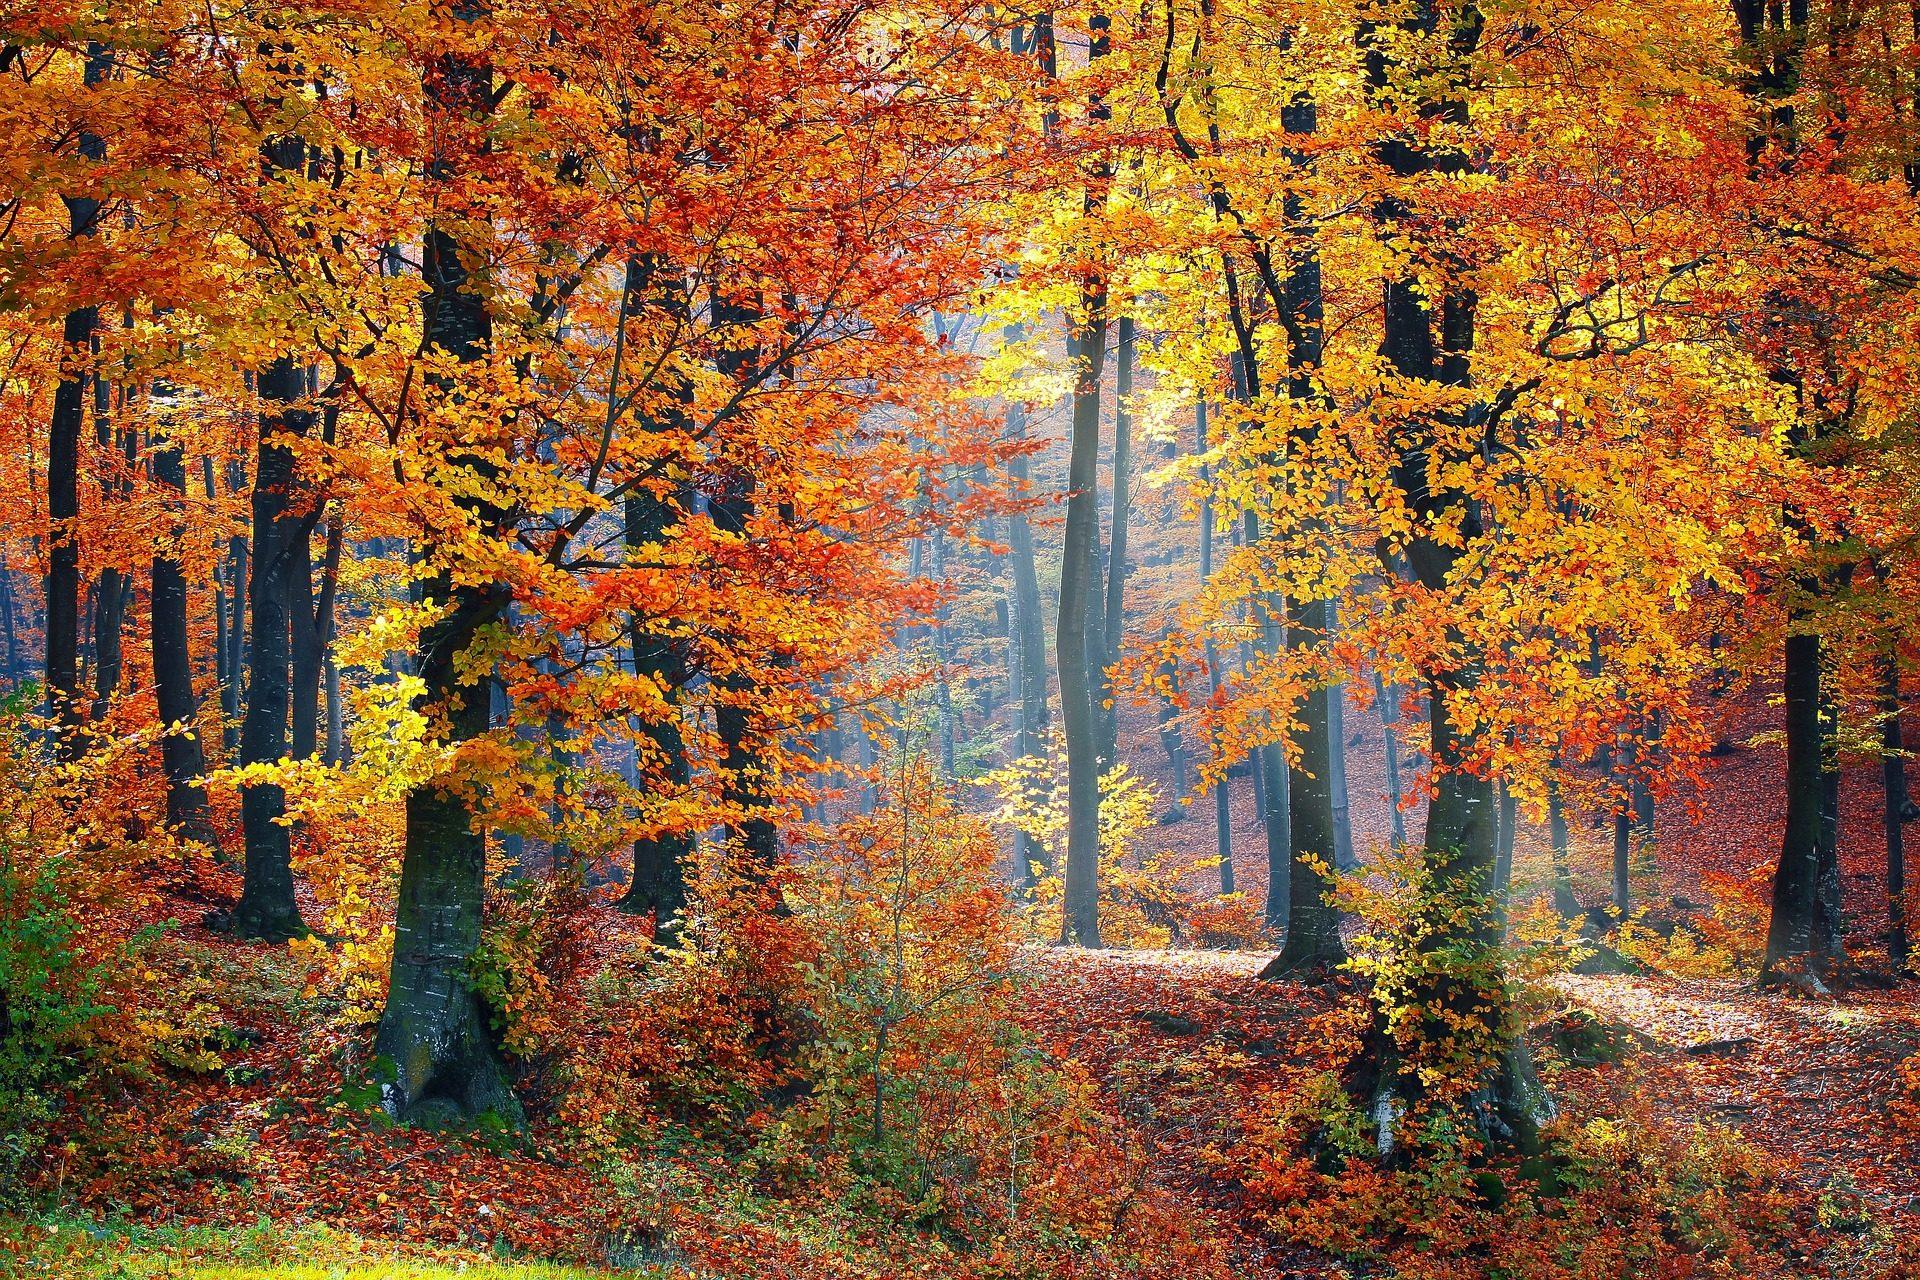 лес, деревья, Осень, листья, сухие - Обои HD - Профессор falken.com